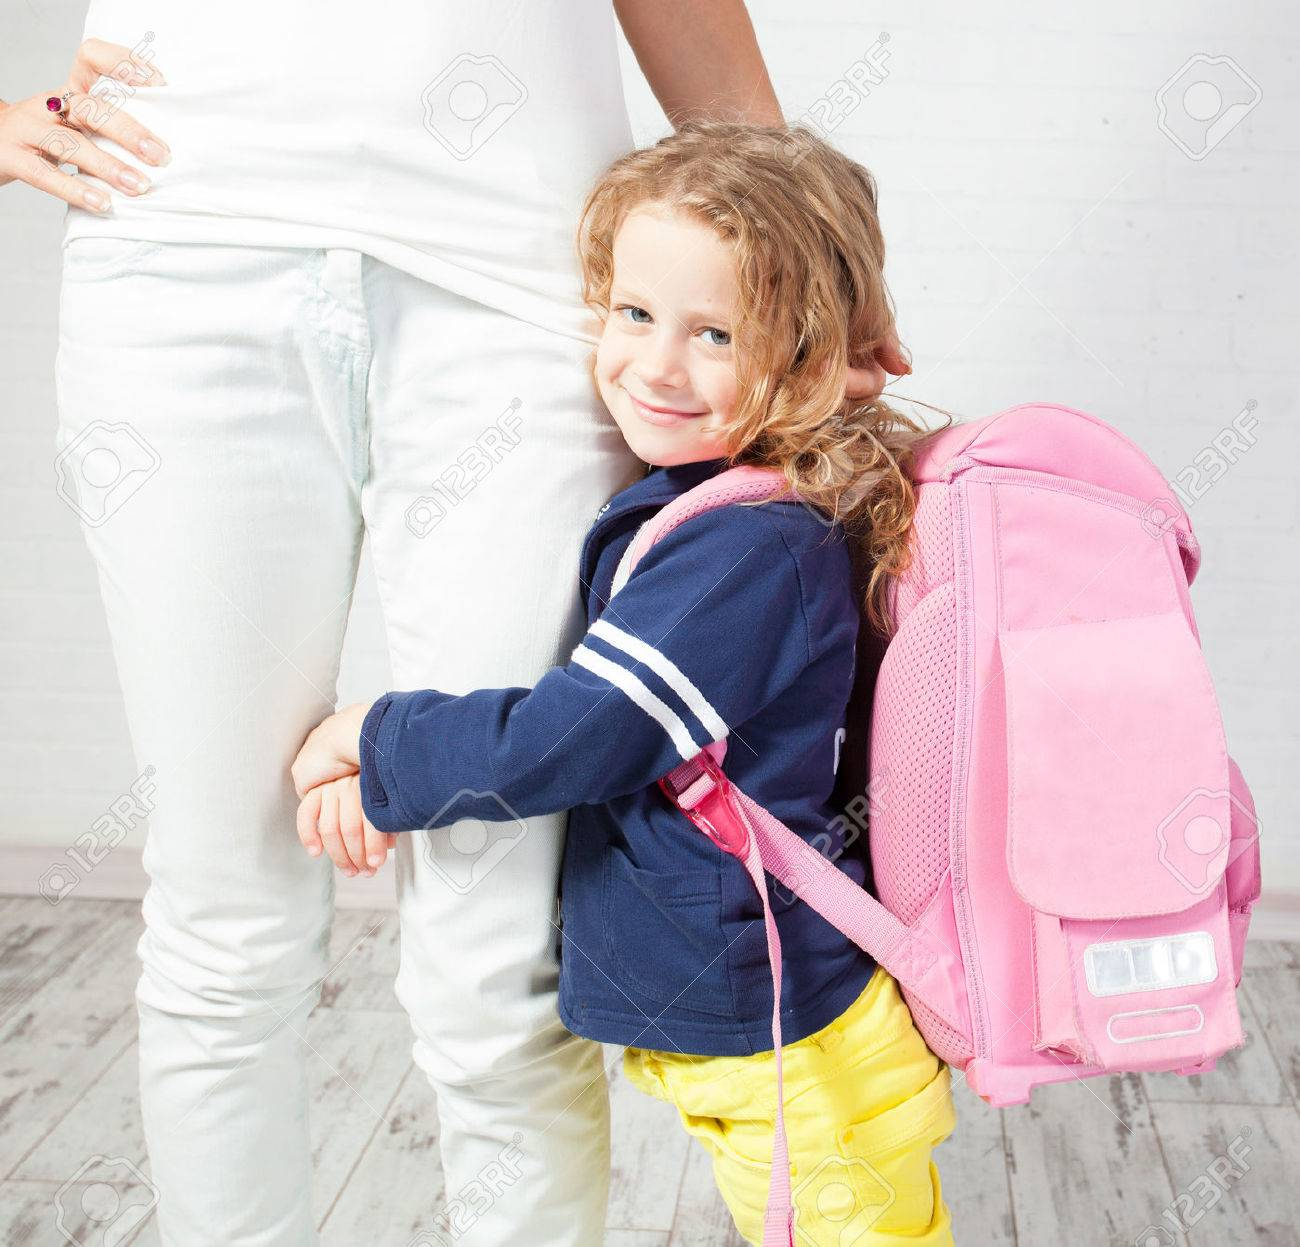 Mother helps her daughter get ready for school. Schoolgirl afraid to go to school - 46155489